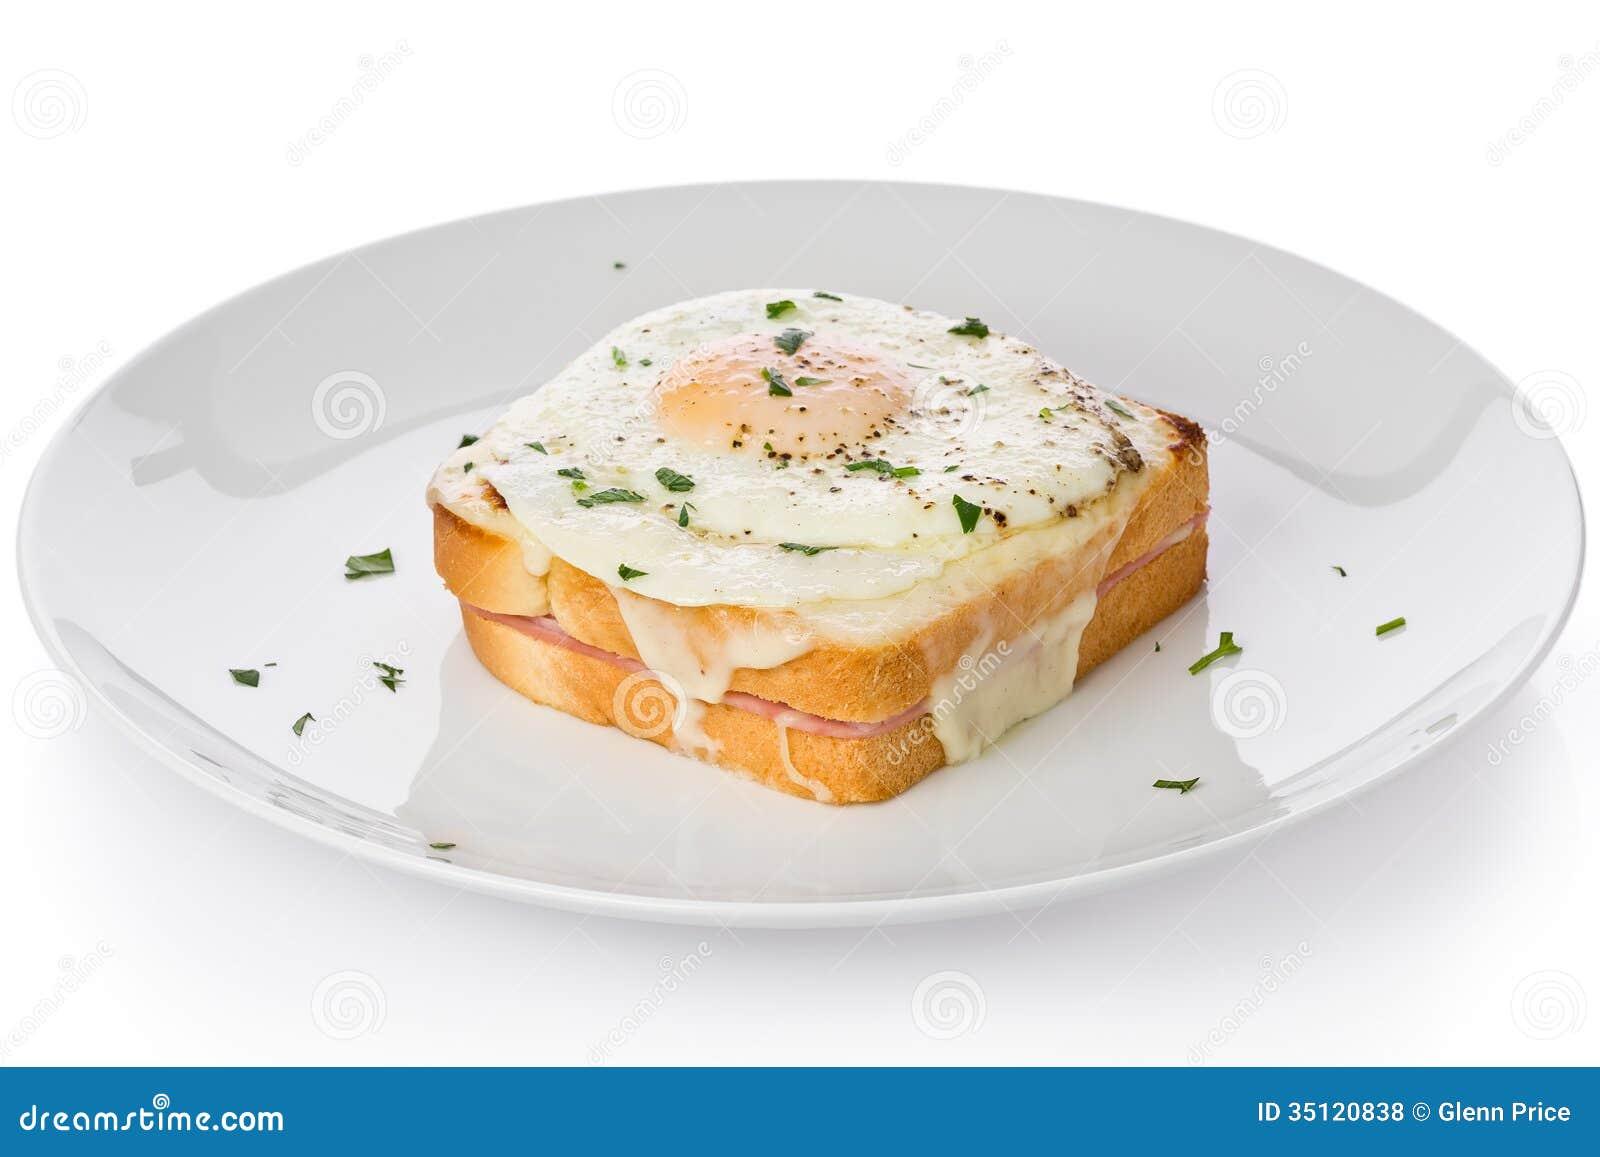 Croque-madame Sandwich